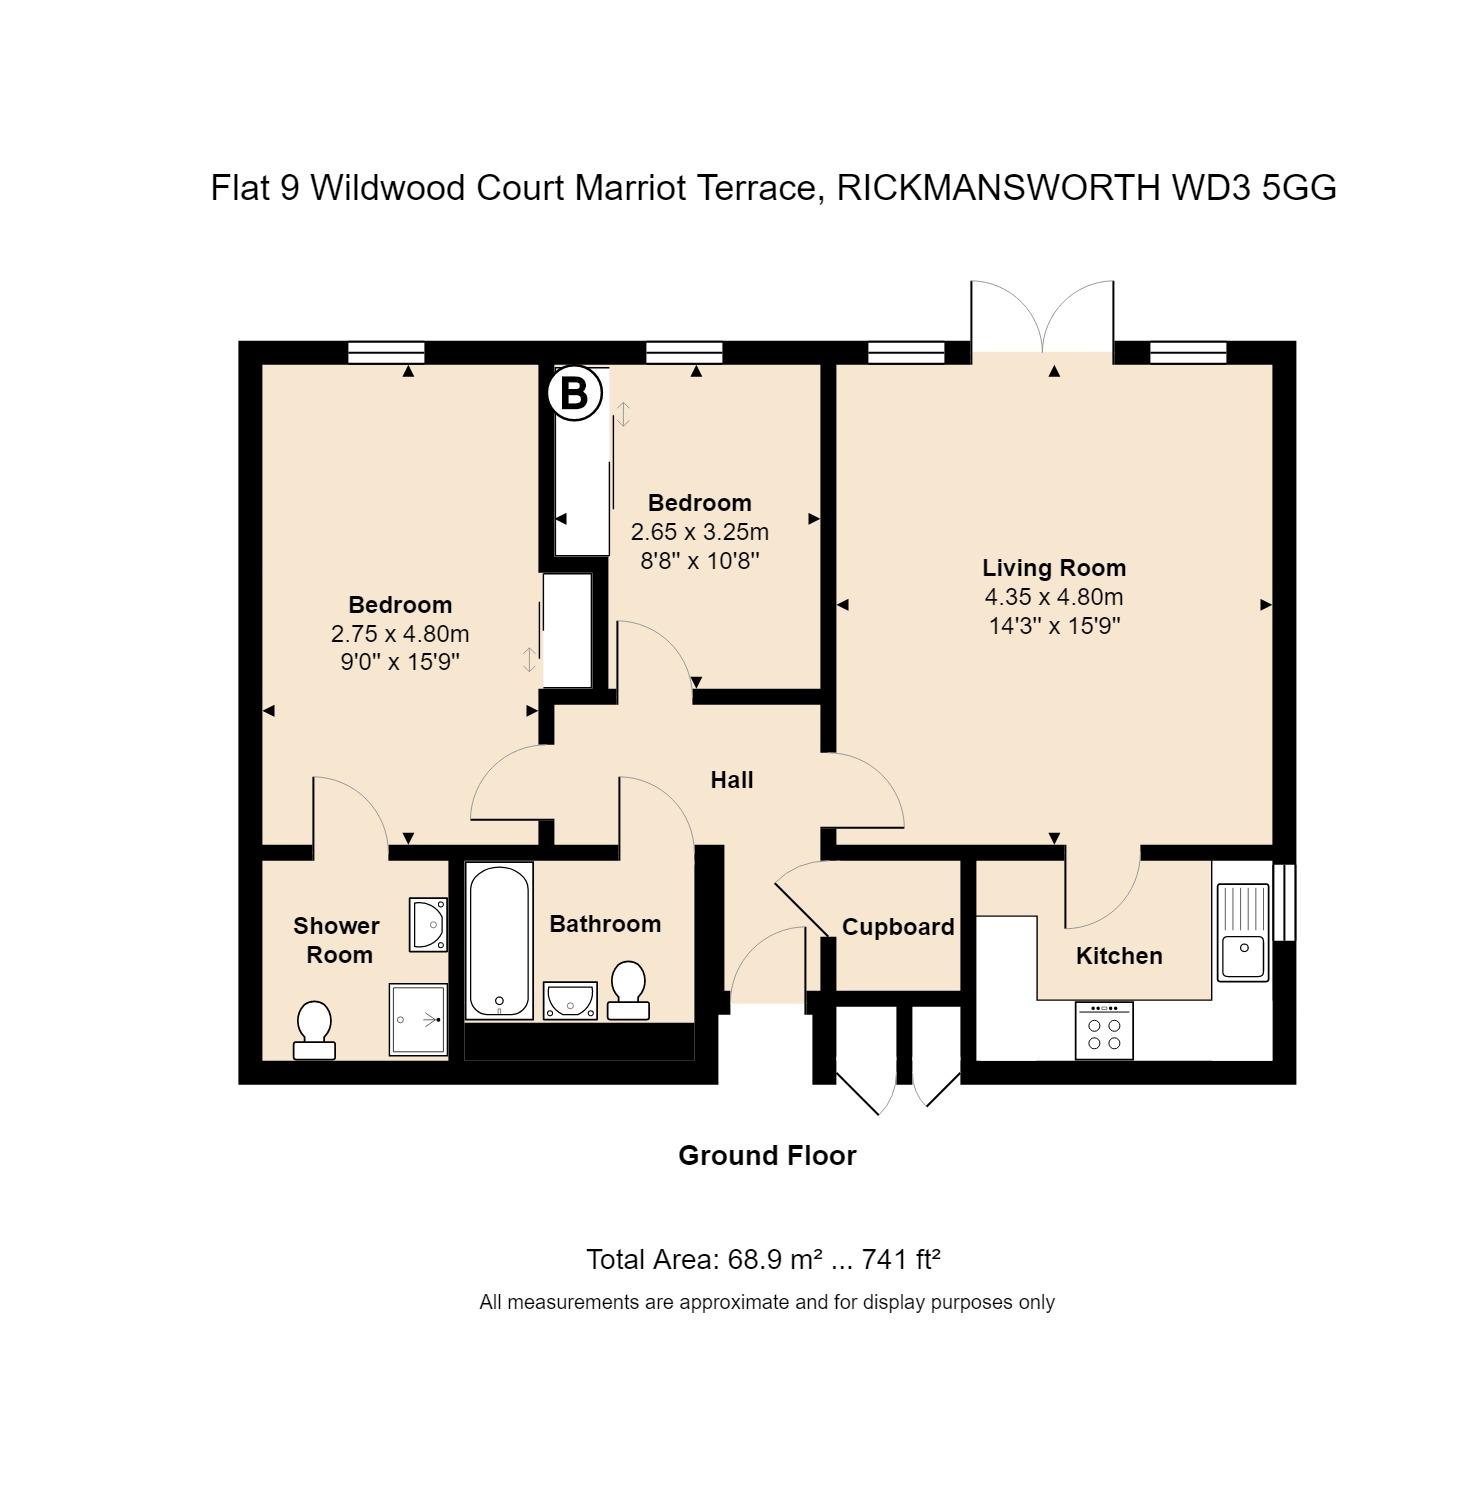 9 Wildwood Court Floorplan